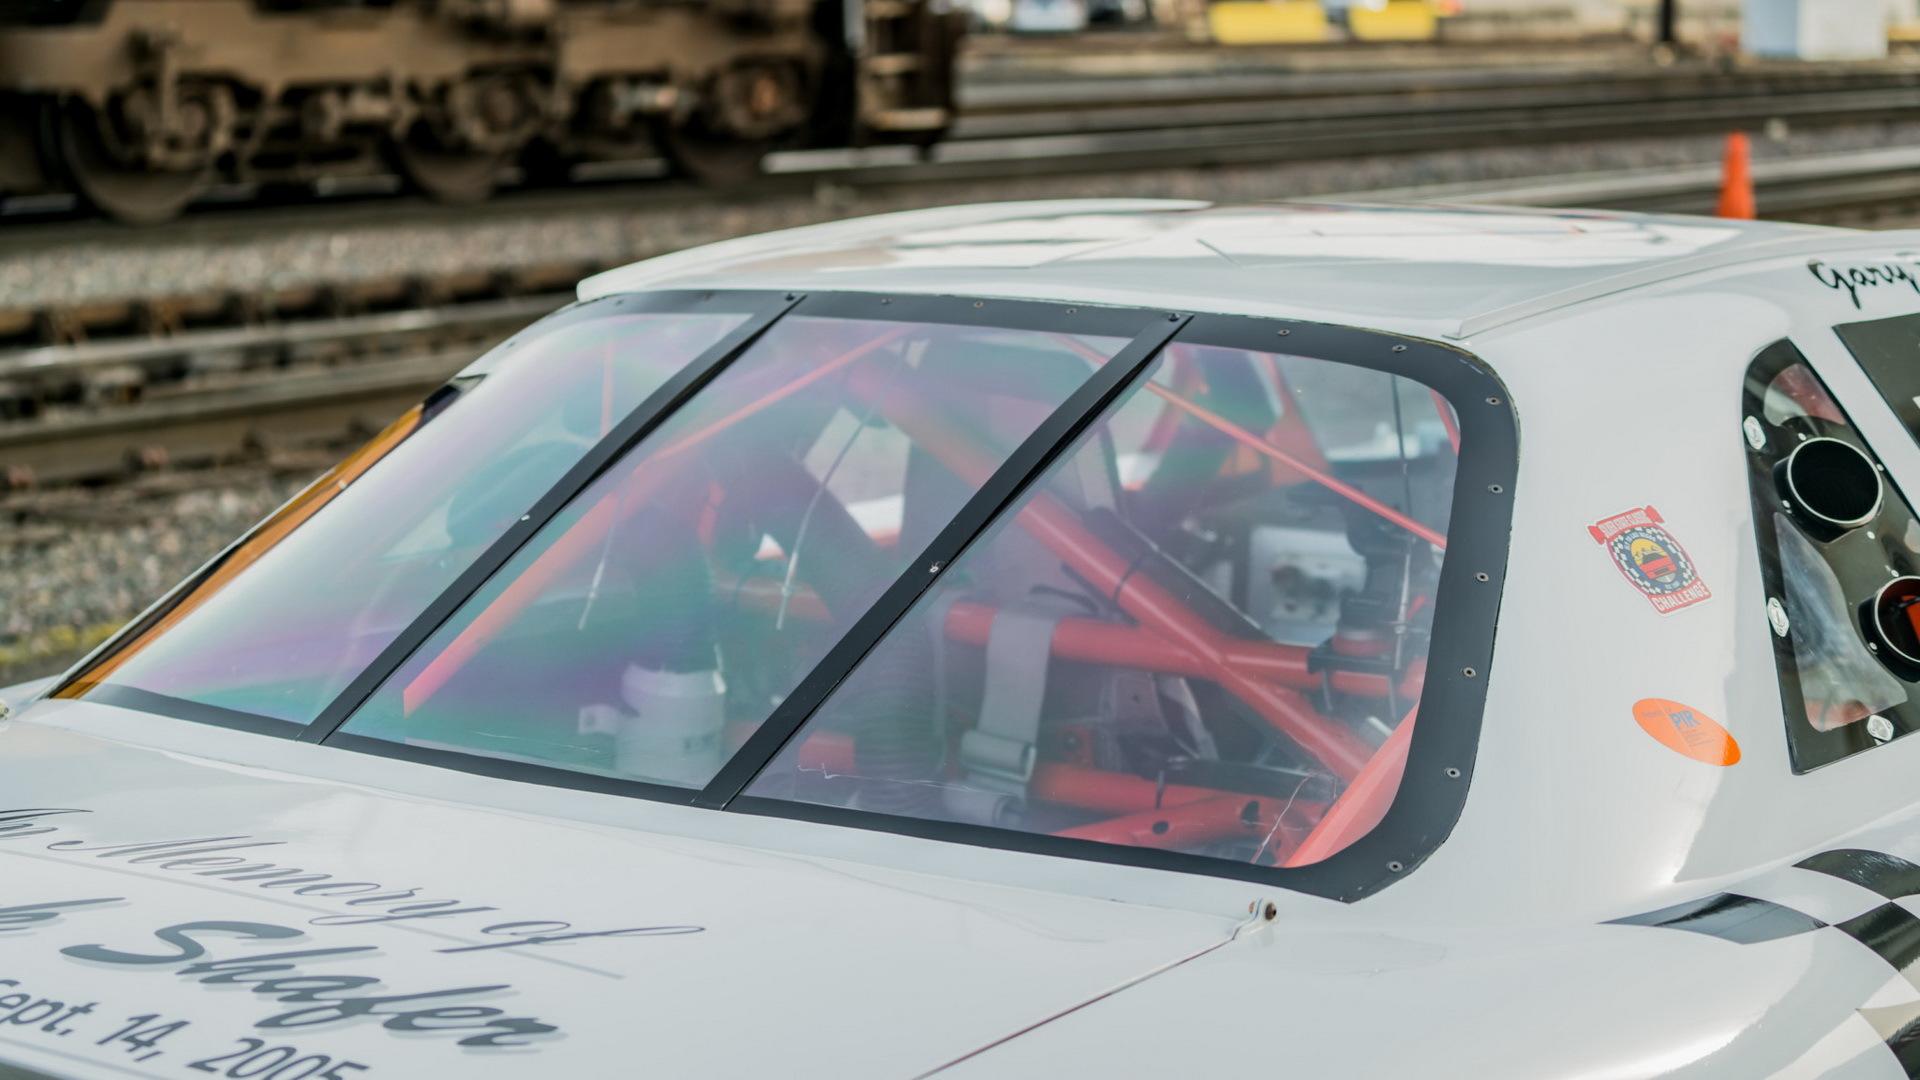 'Giật mình' xe đua lập kỉ lục Guinness giá chỉ ngang 2 chiếc xe máy Honda SH